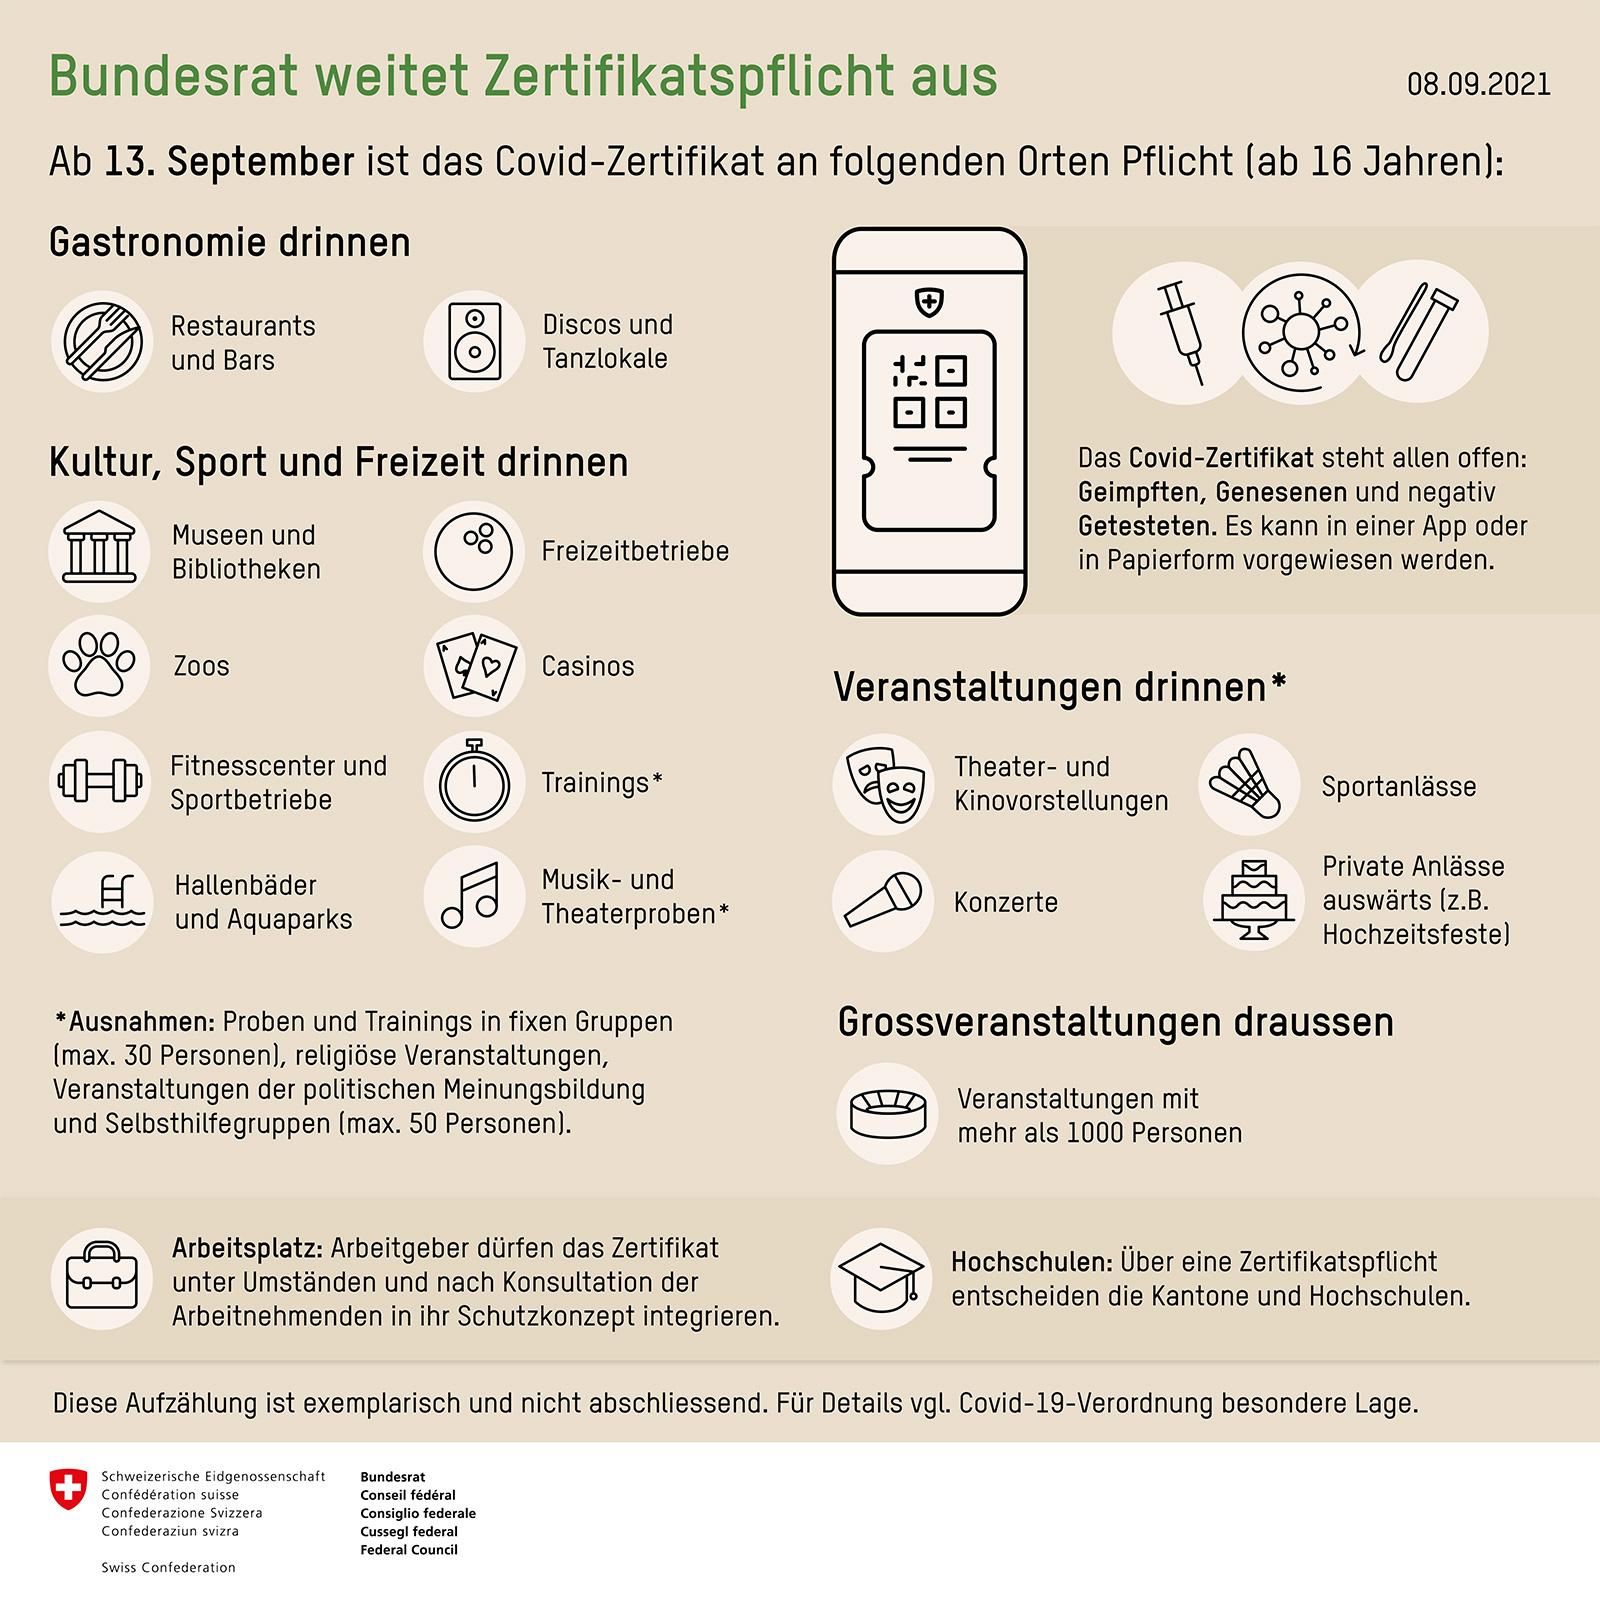 Infografik zur Ausweitung der Zertifikatspflicht